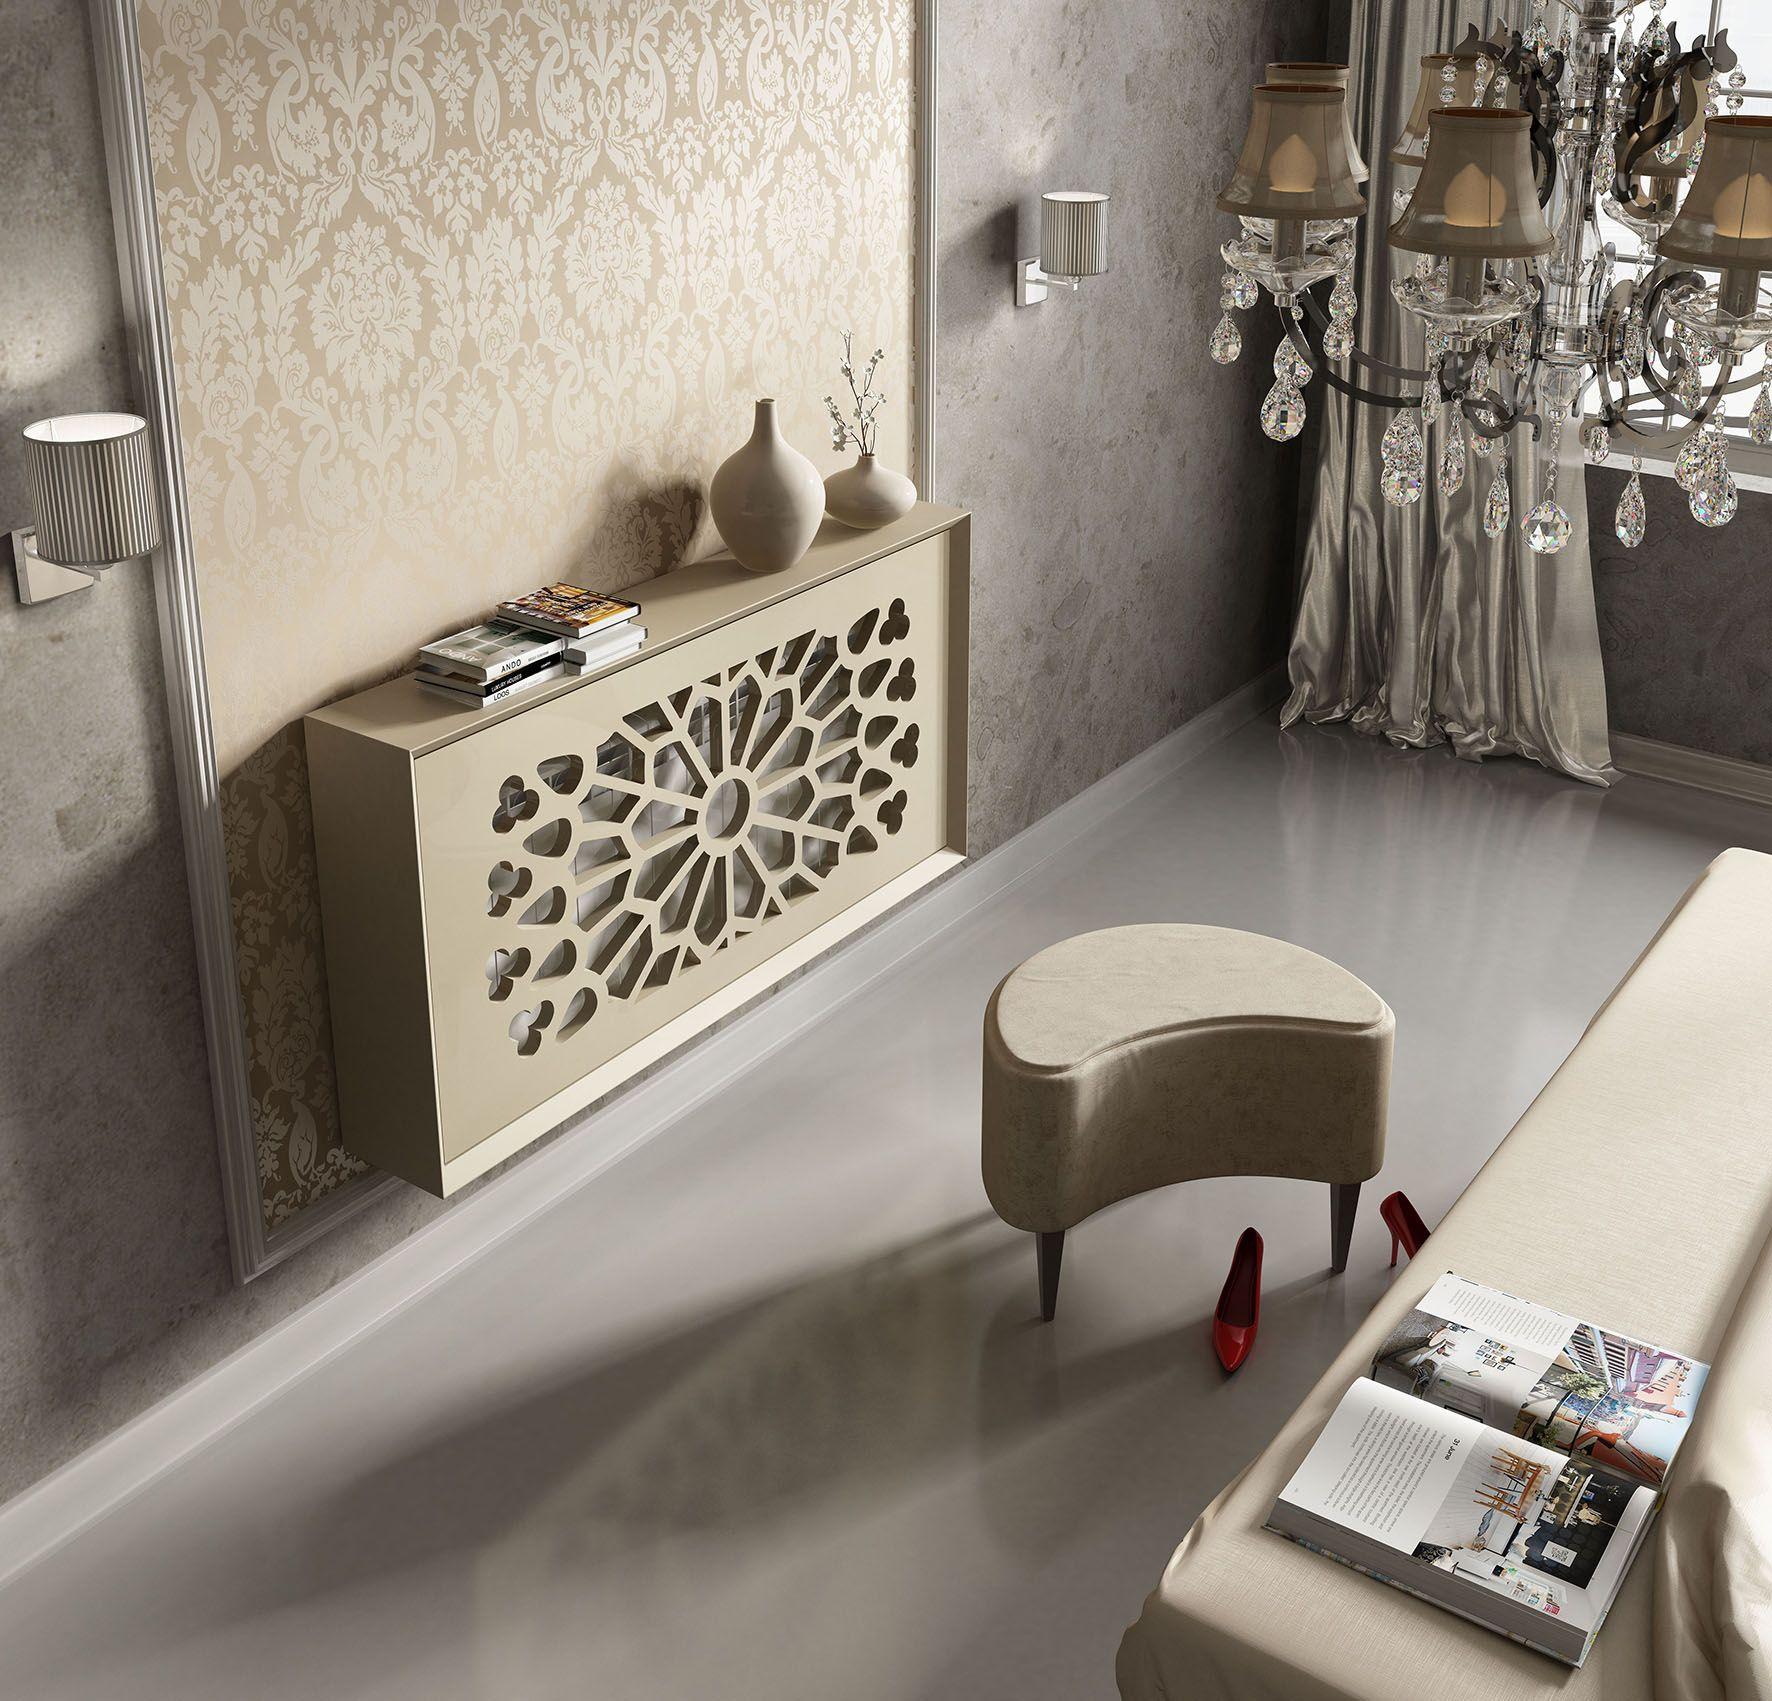 Cubreradiadores Dise O Muebles De Sal N Y Dormitorio  # Muebles Necesarios En Un Dormitorio